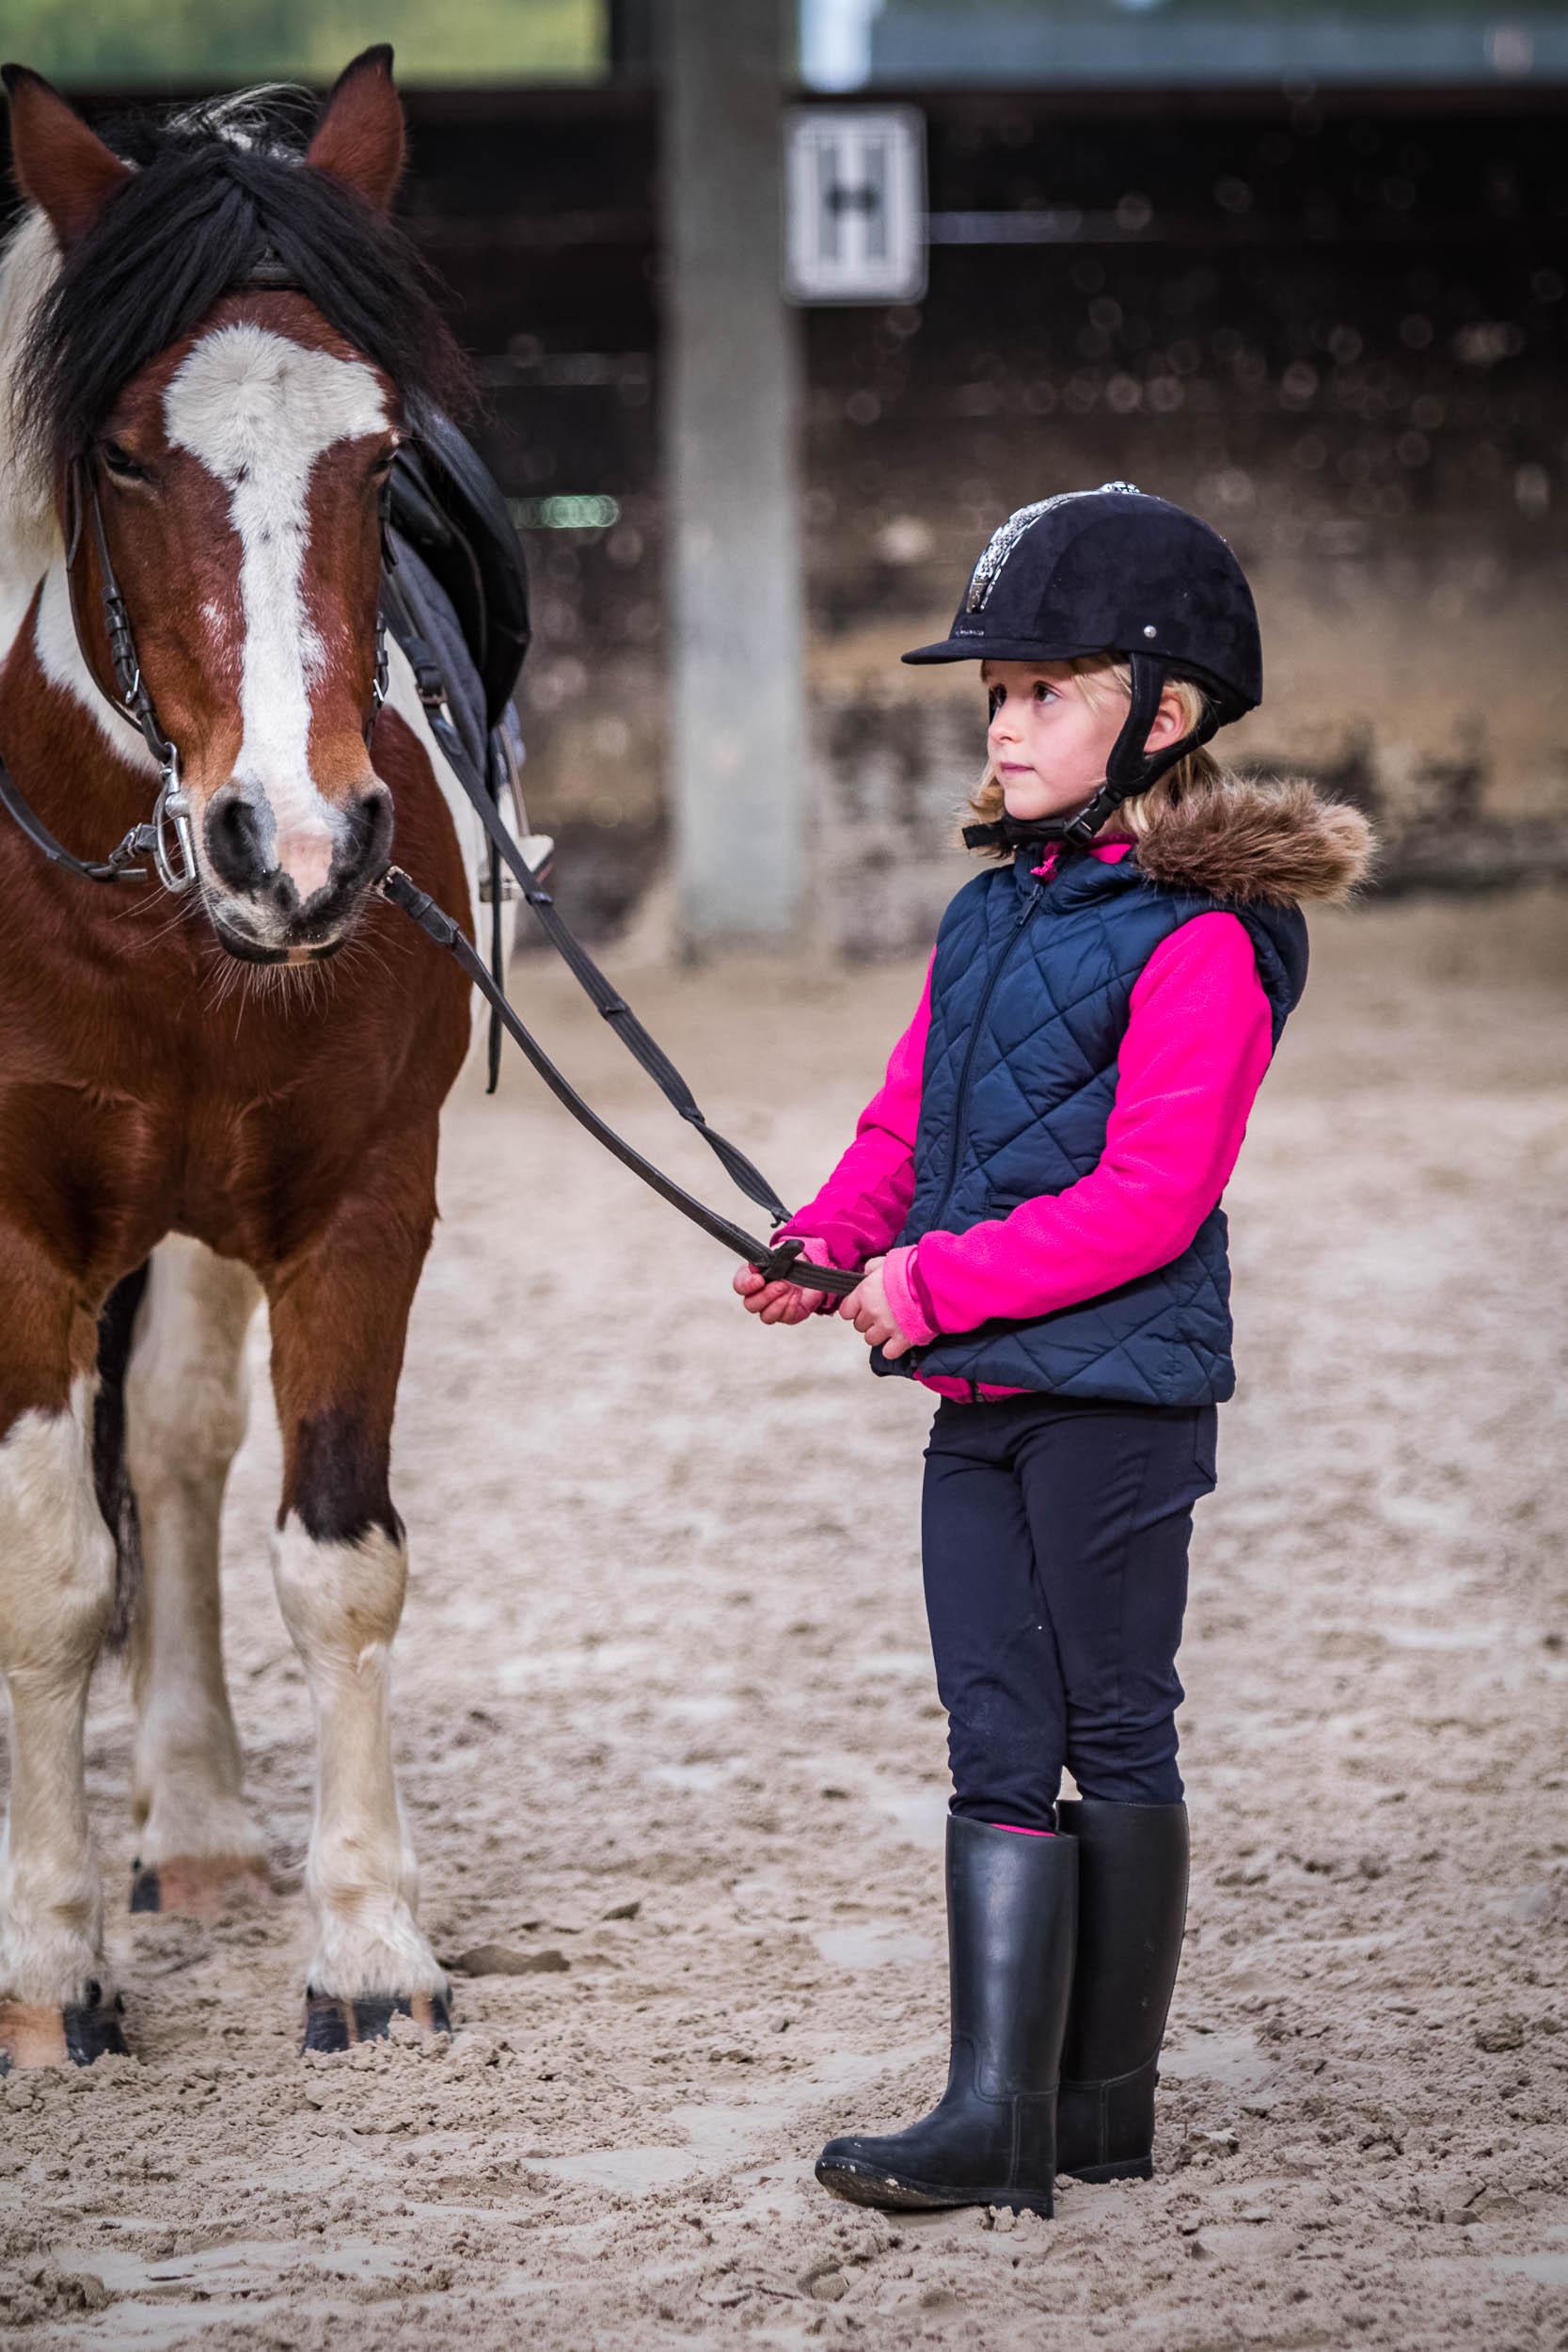 Petite fille faisant de l'équitation. Photo prise par un photog